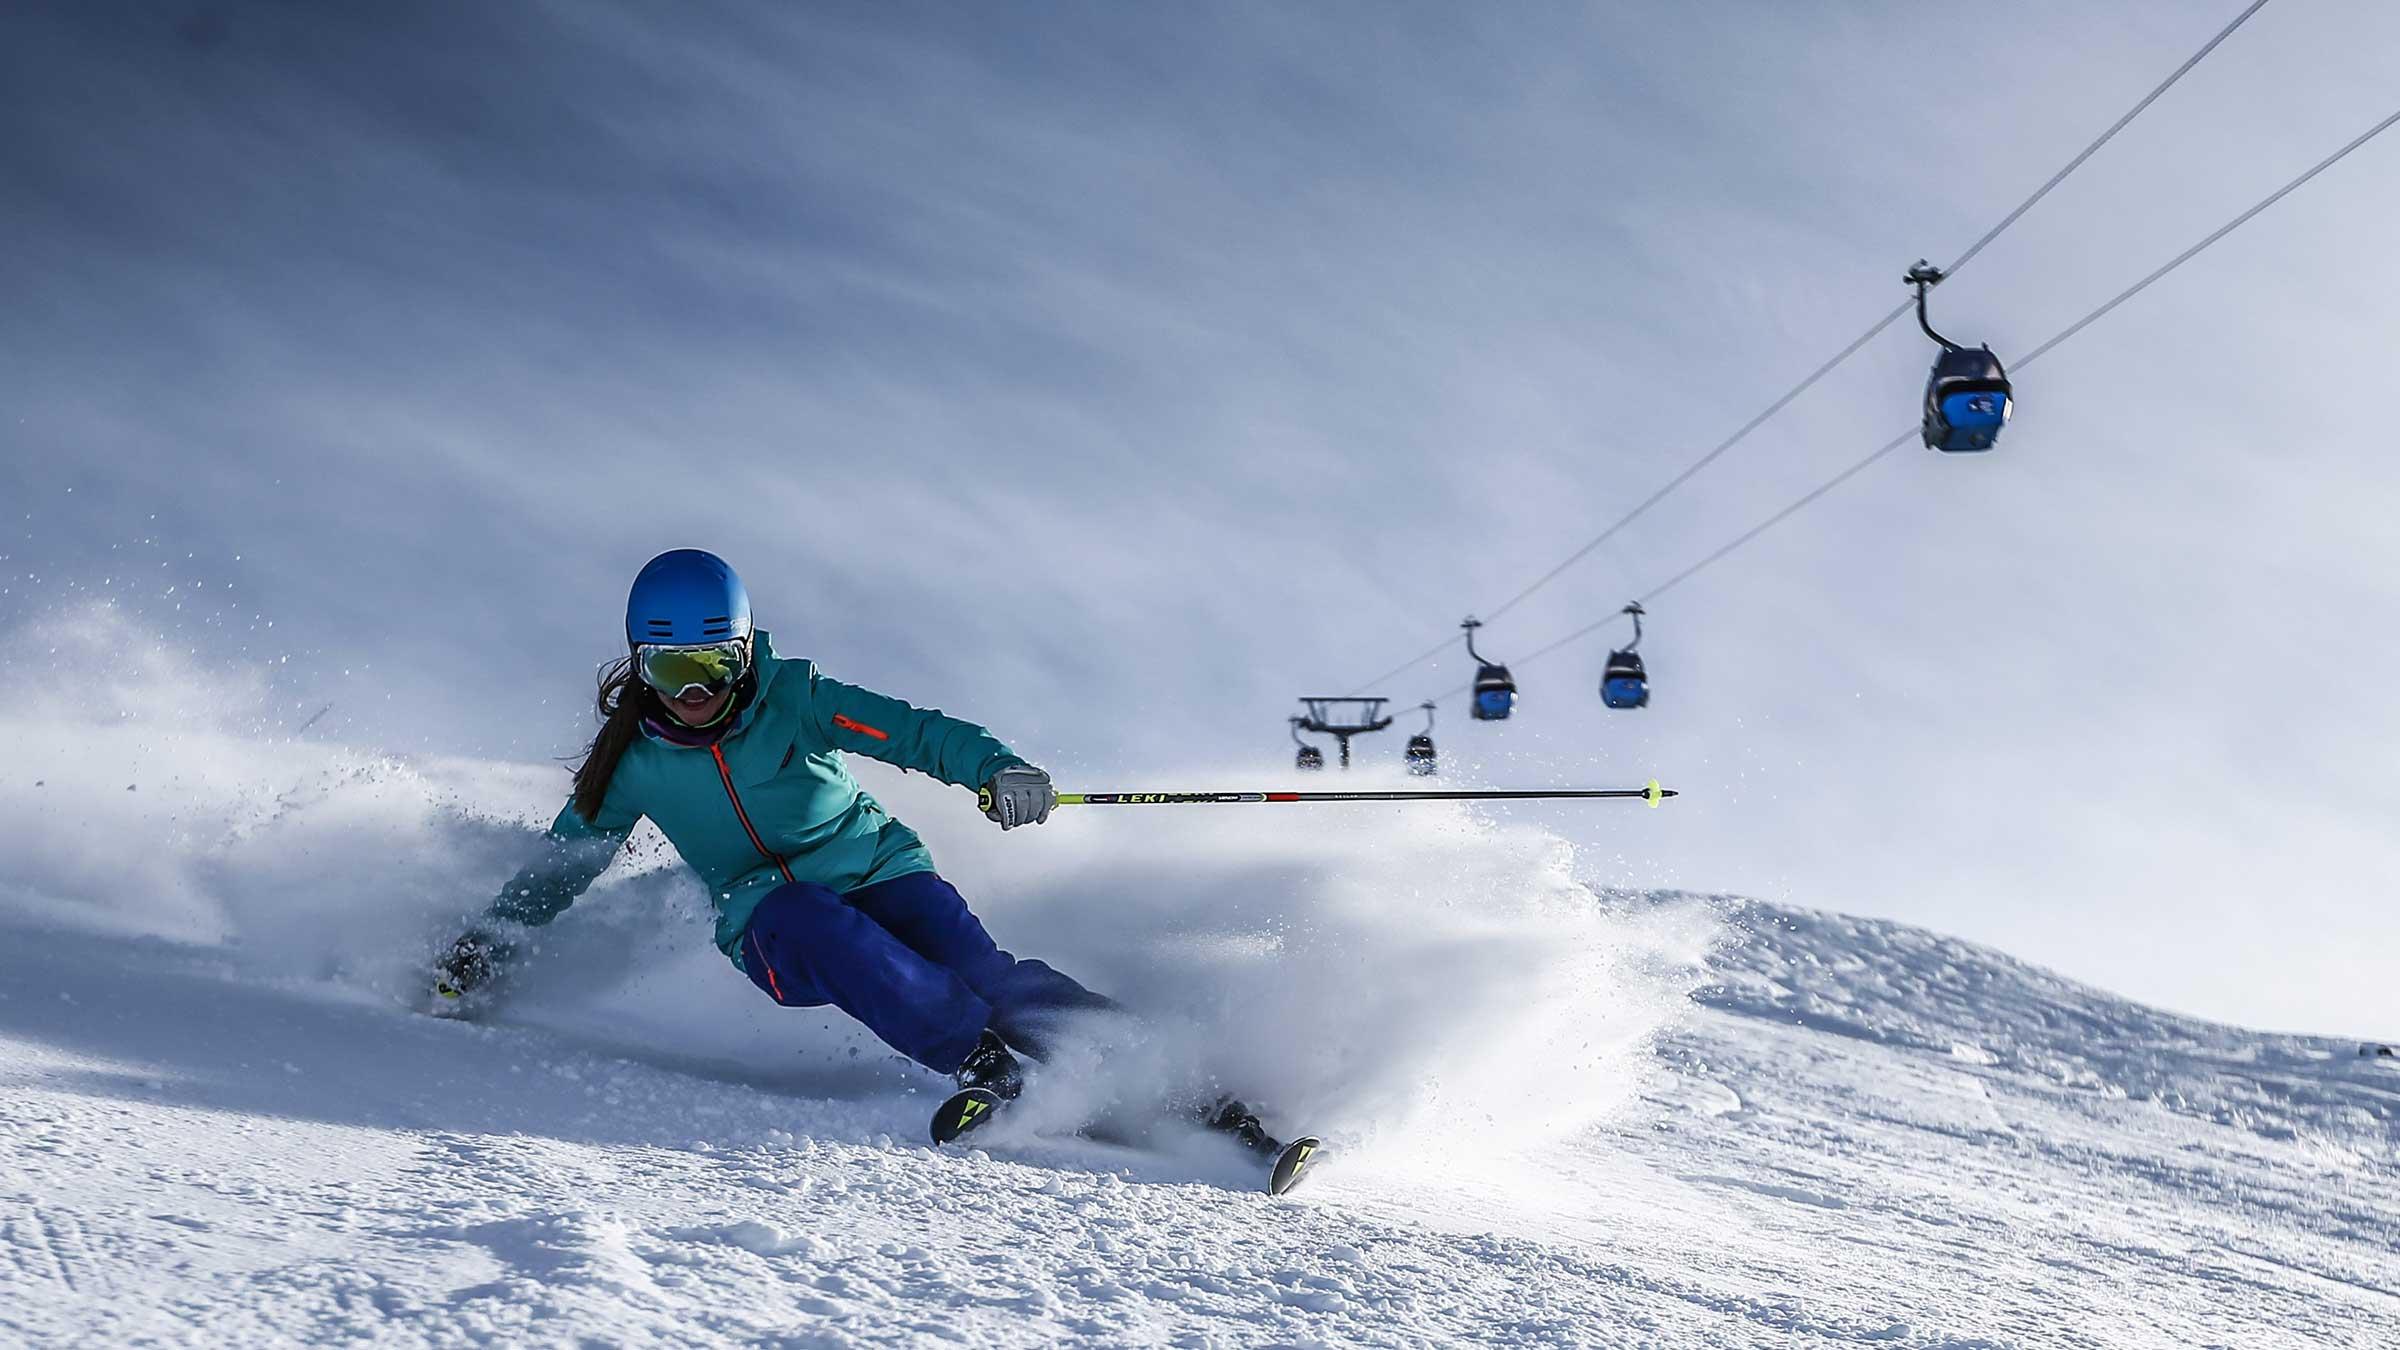 Skifahrerin und Gondel im Hintergrund - Obergurgl-Hochgurgl Rückblick Wintersaison